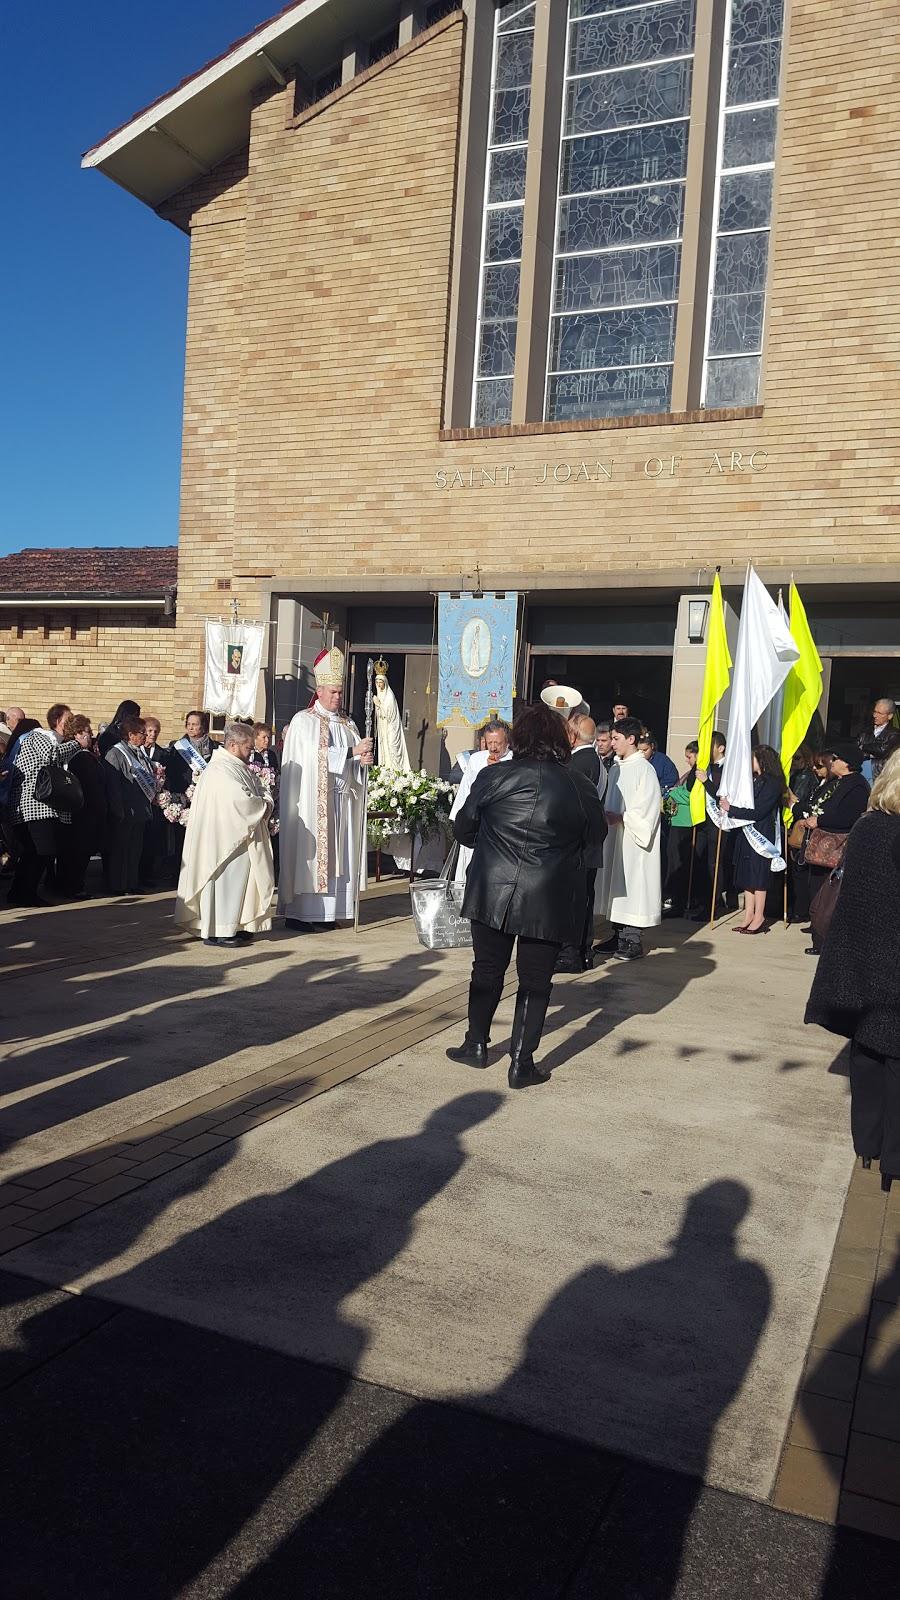 St Joan of Arc Catholic Parish Haberfield | church | 97 Dalhousie St, Haberfield NSW 2045, Australia | 0297986657 OR +61 2 9798 6657